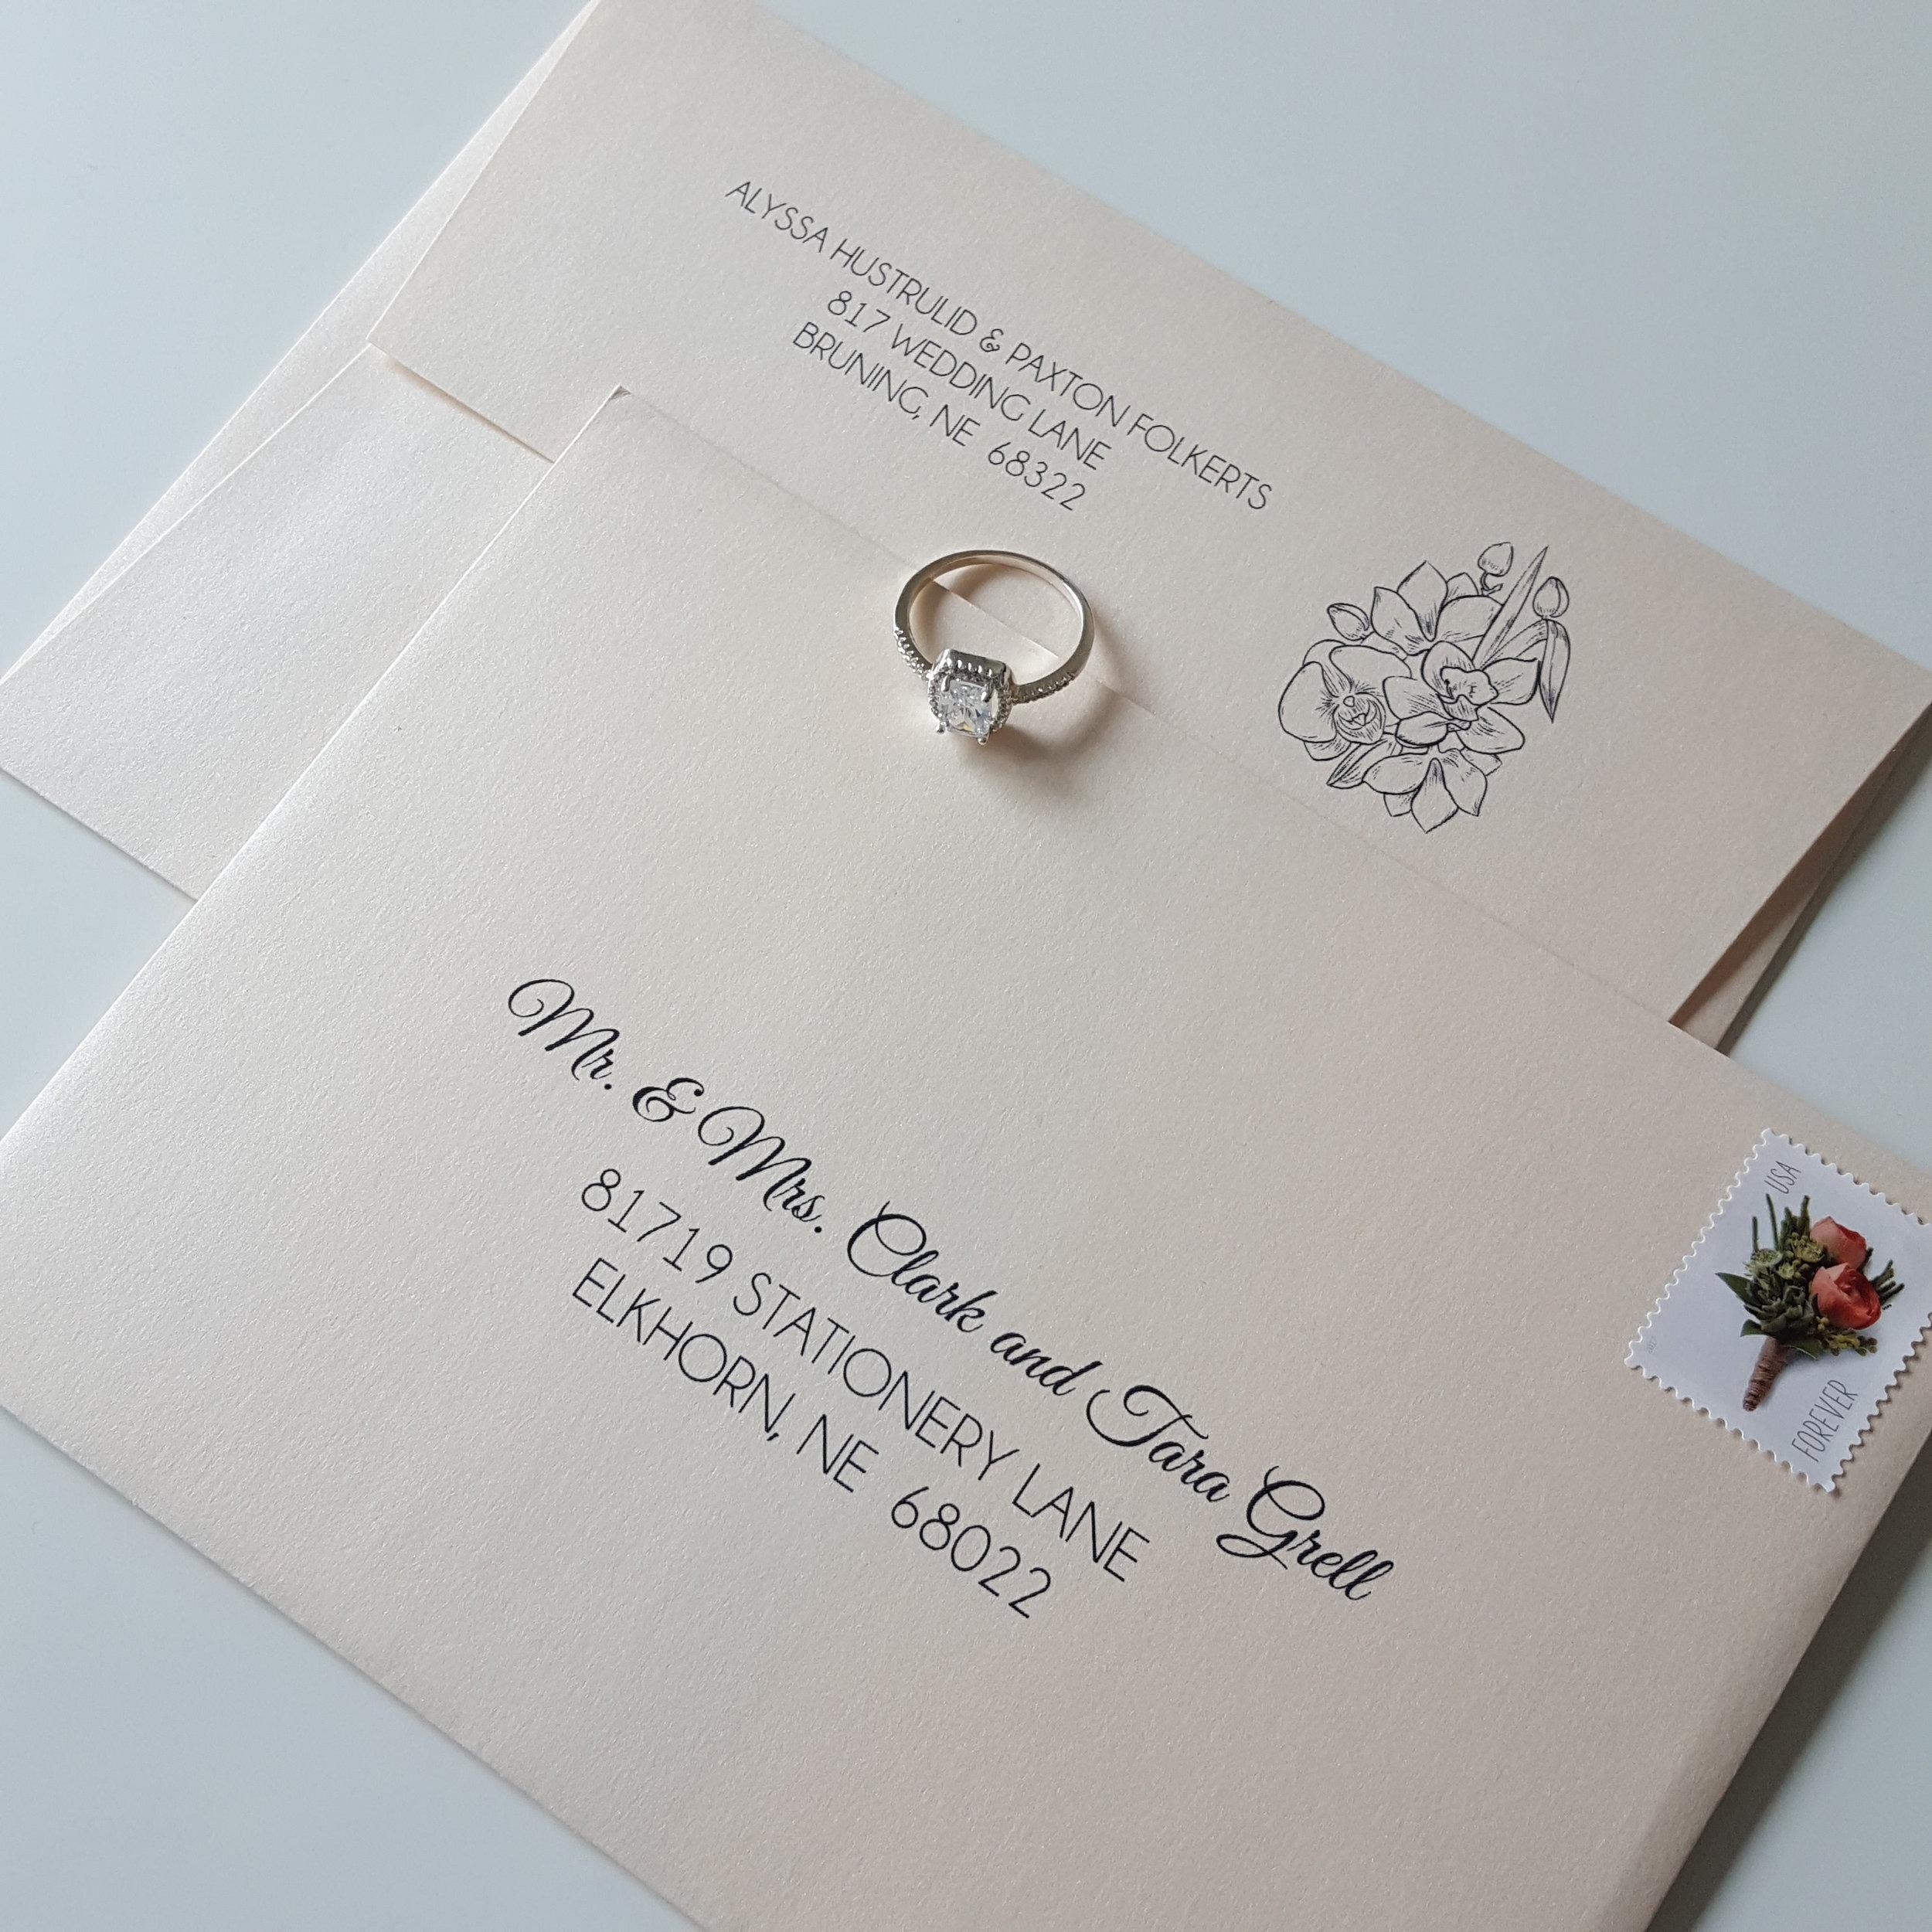 blush envelopes with navy addressing